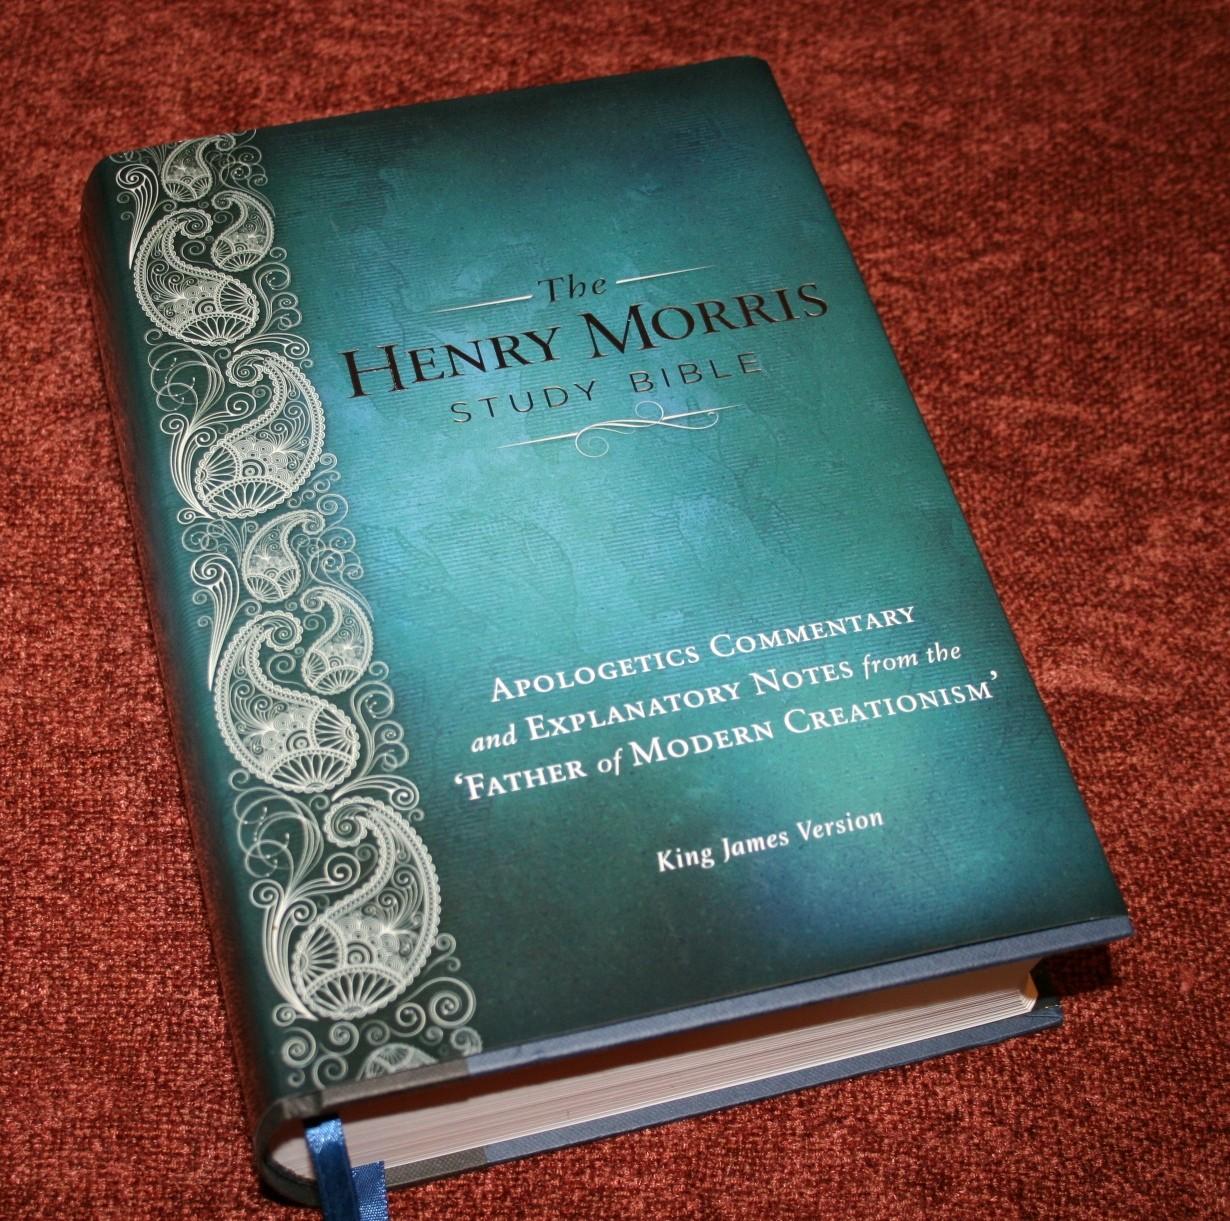 Henry Morris Study Bible, KJV